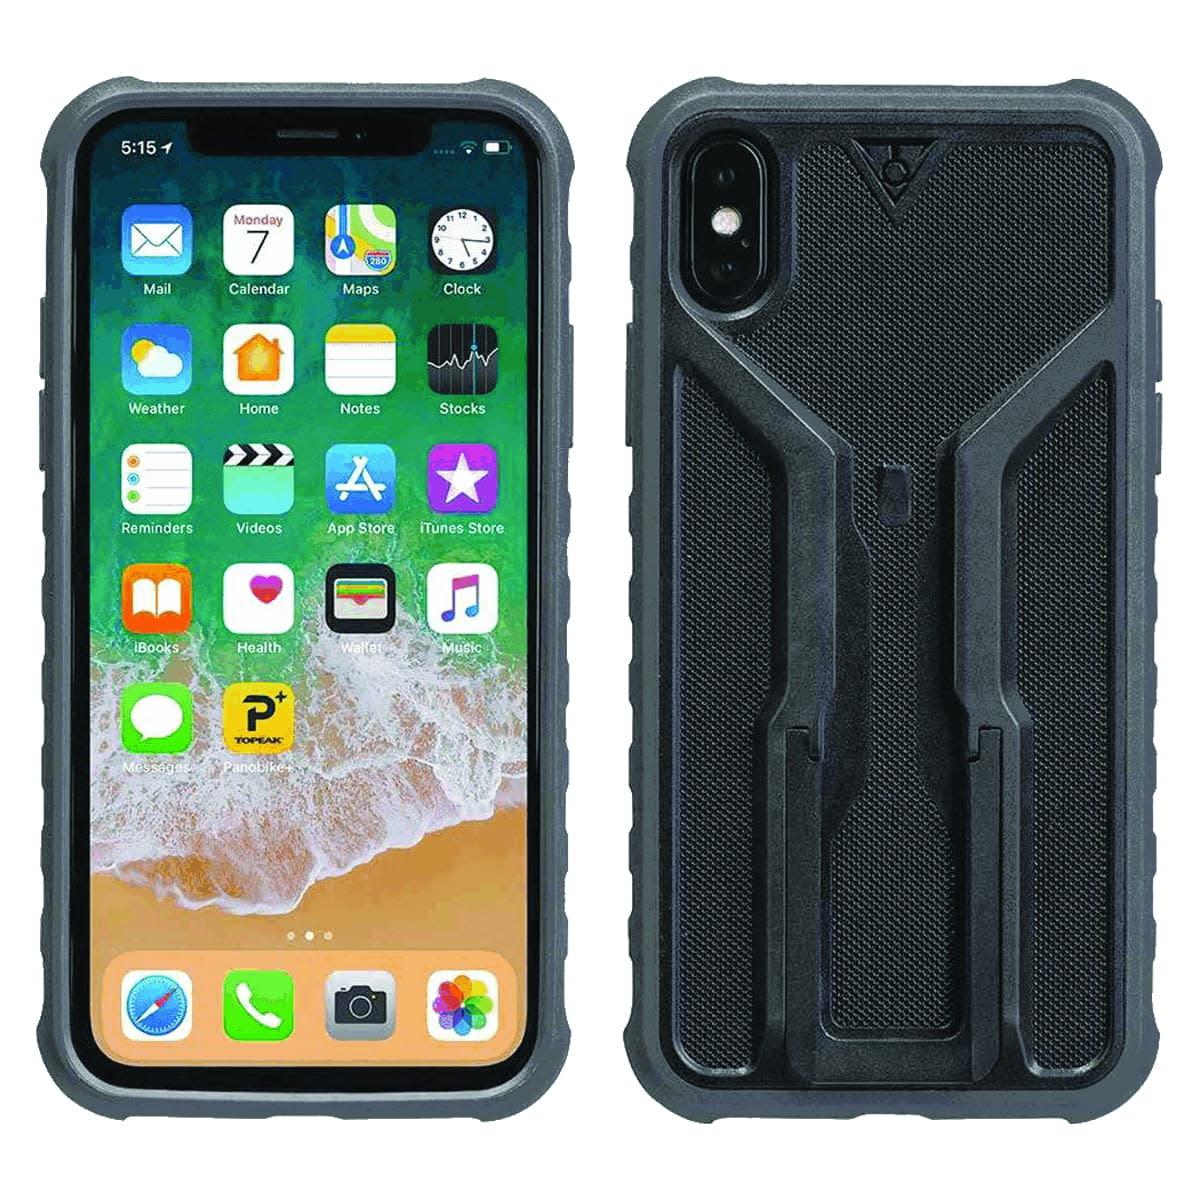 ETUI CELLULAIRE TOPEAK RIDECASE I-PHONE 6-7-8 PLUS NOIR